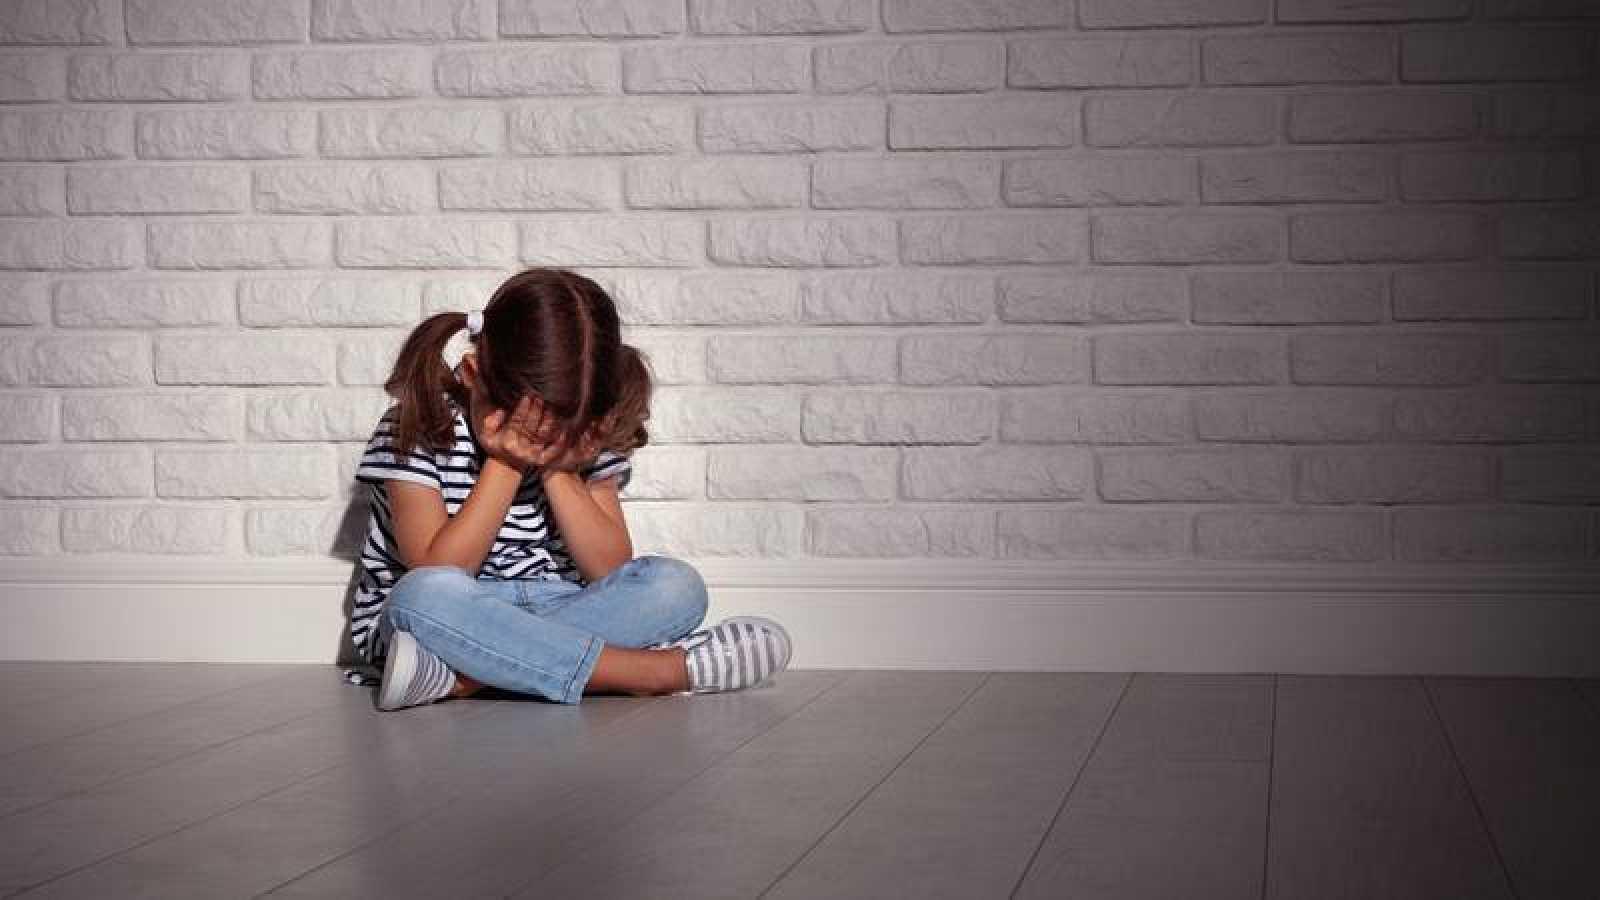 MP profundiza investigaciones sobre caso de niña captada en un vídeo mientras era golpeada en Cristo Rey